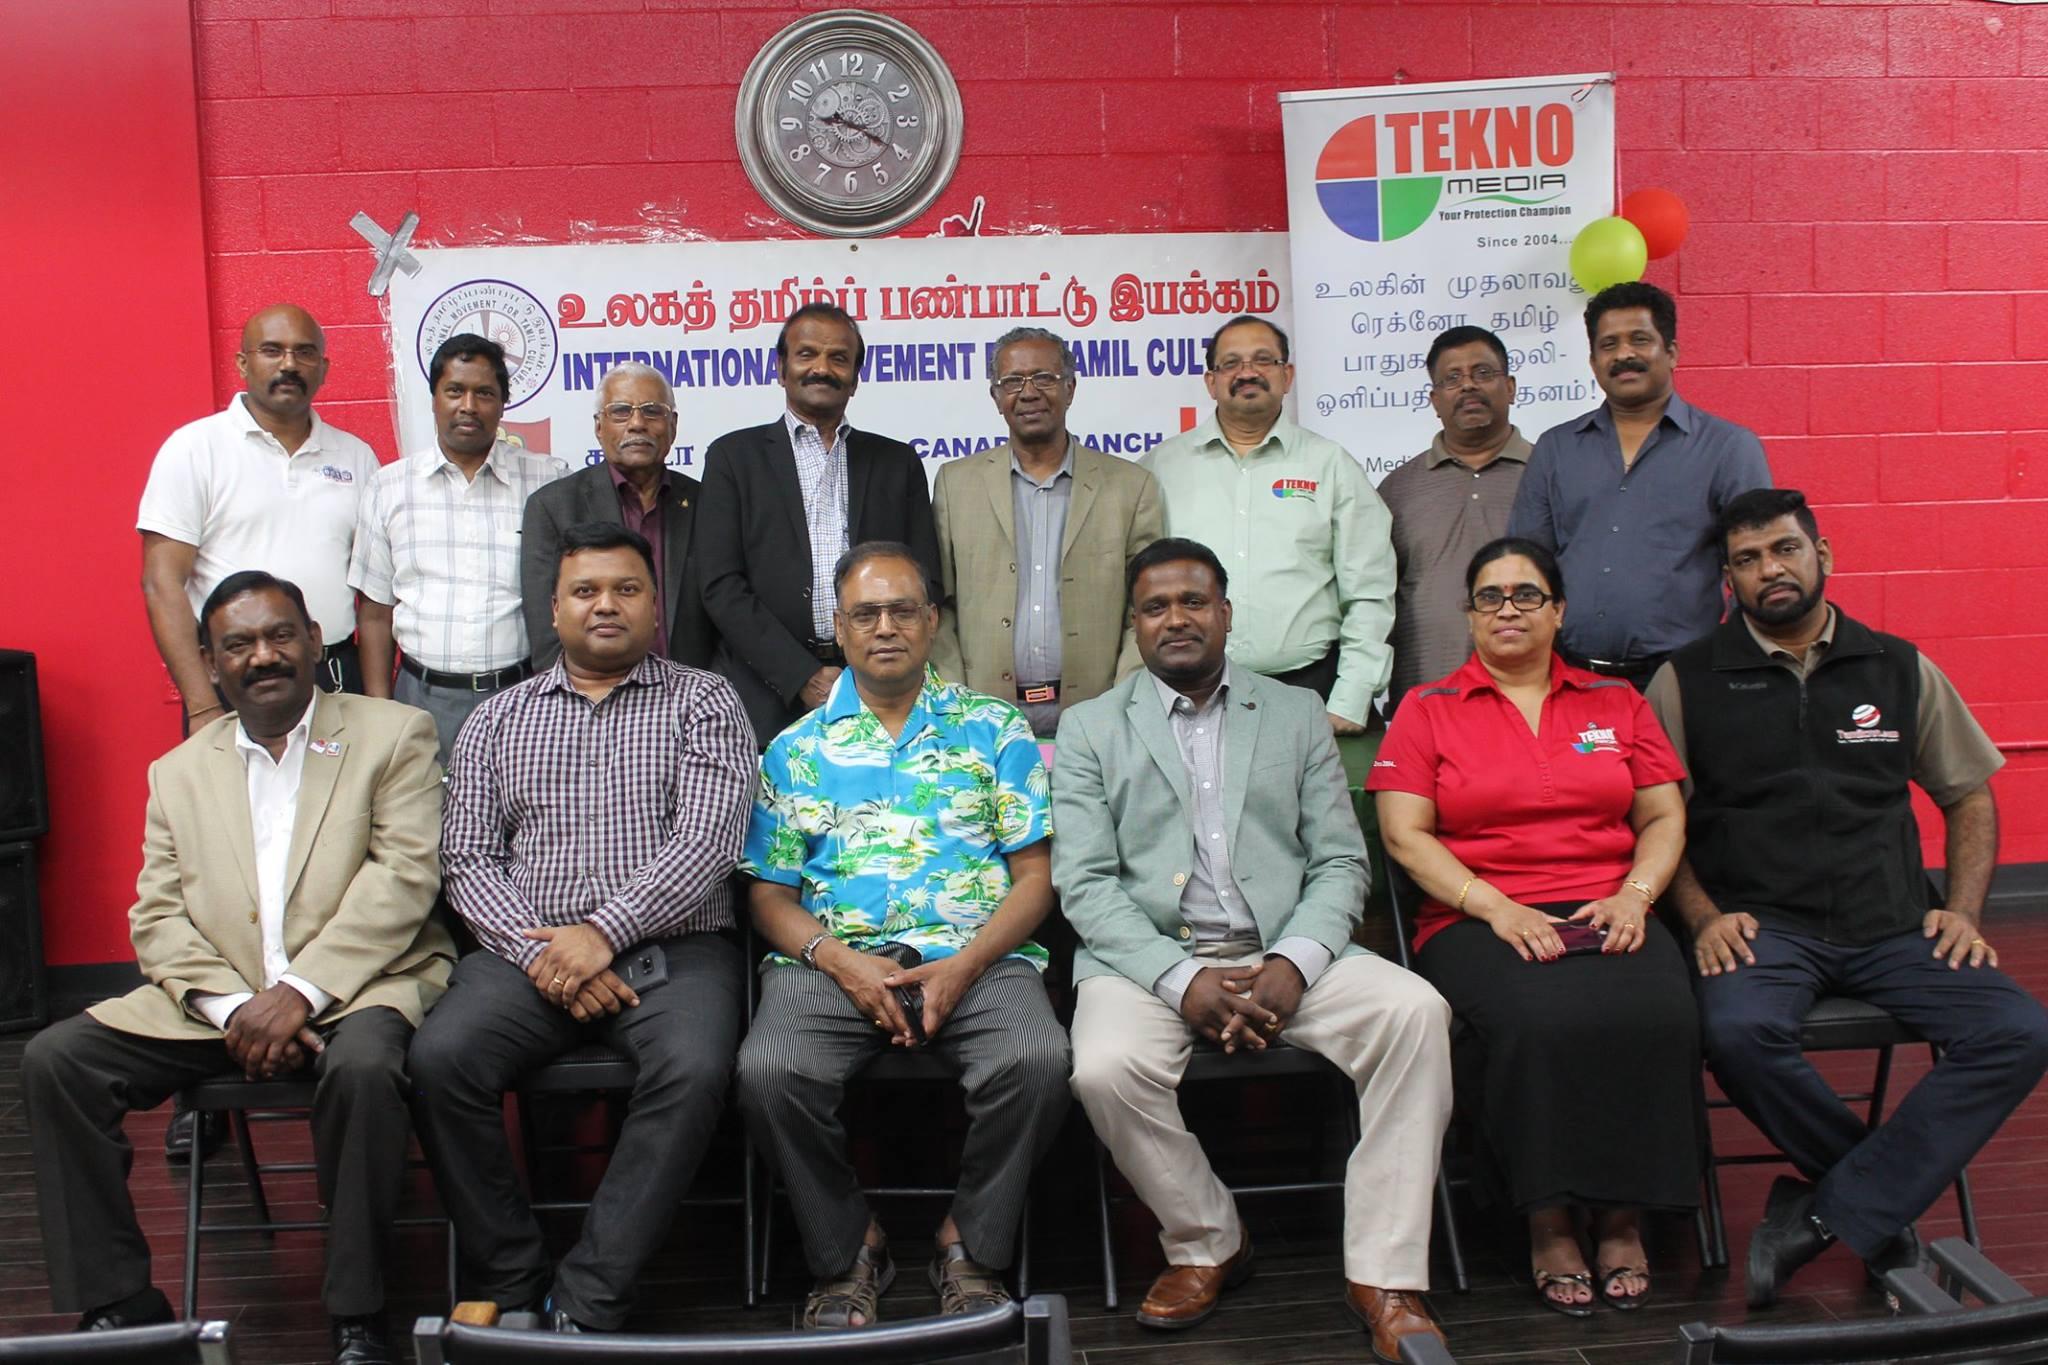 யாழ்பபாண பல்கலைக் கழகத்தில் 13வது உலக பண்பாட்டு மாநாடு2017